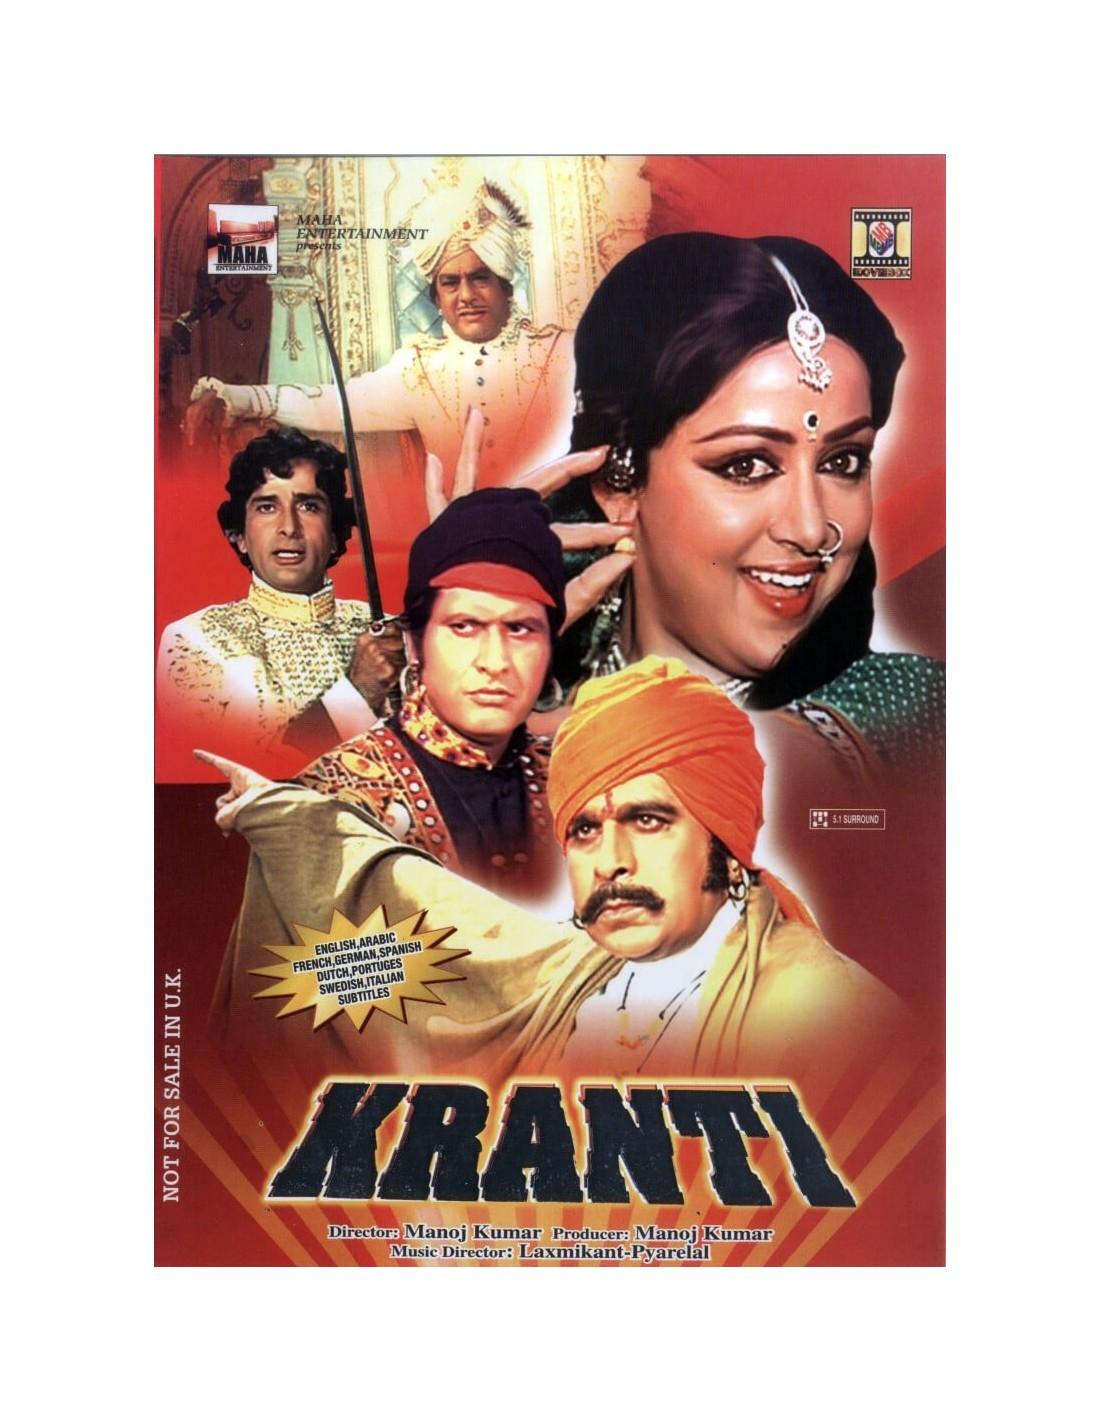 kranti-dvd-1981.jpg